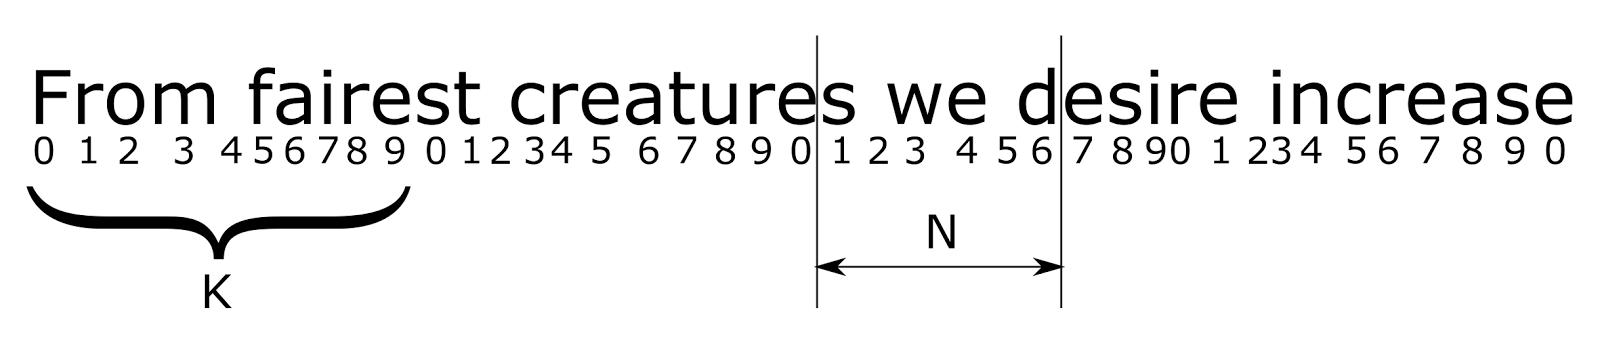 Логика сознания. Часть 12. Поиск закономерностей. Комбинаторное пространство - 2